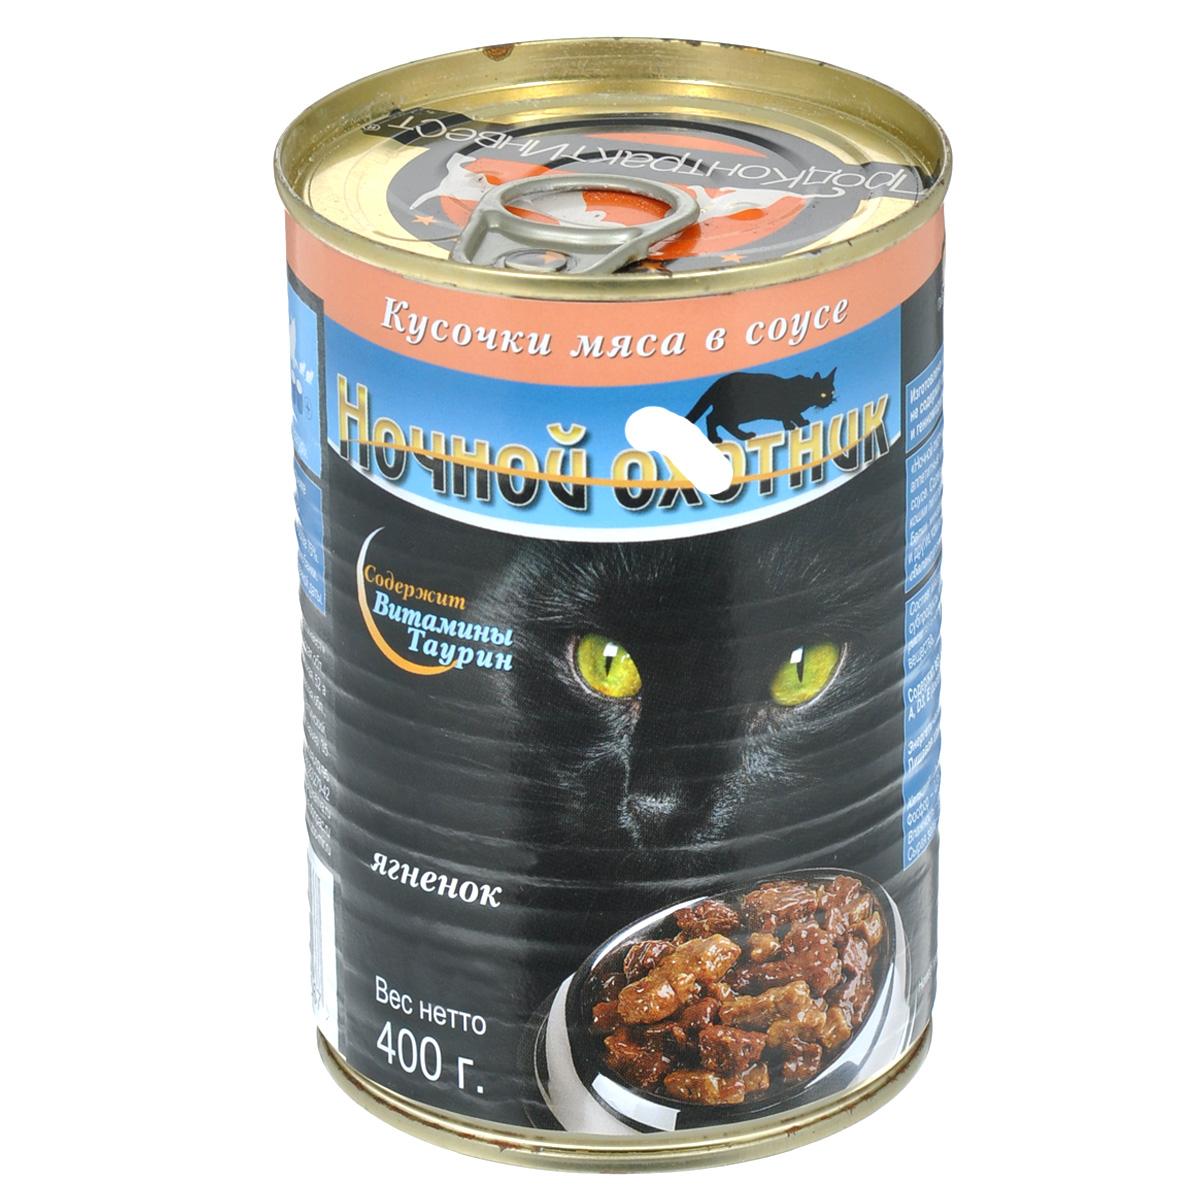 Консервы для взрослых кошек Ночной охотник, с ягненком в соусе, 400 г консервы для взрослых кошек ночной охотник с мясным ассорти в соусе 400 г